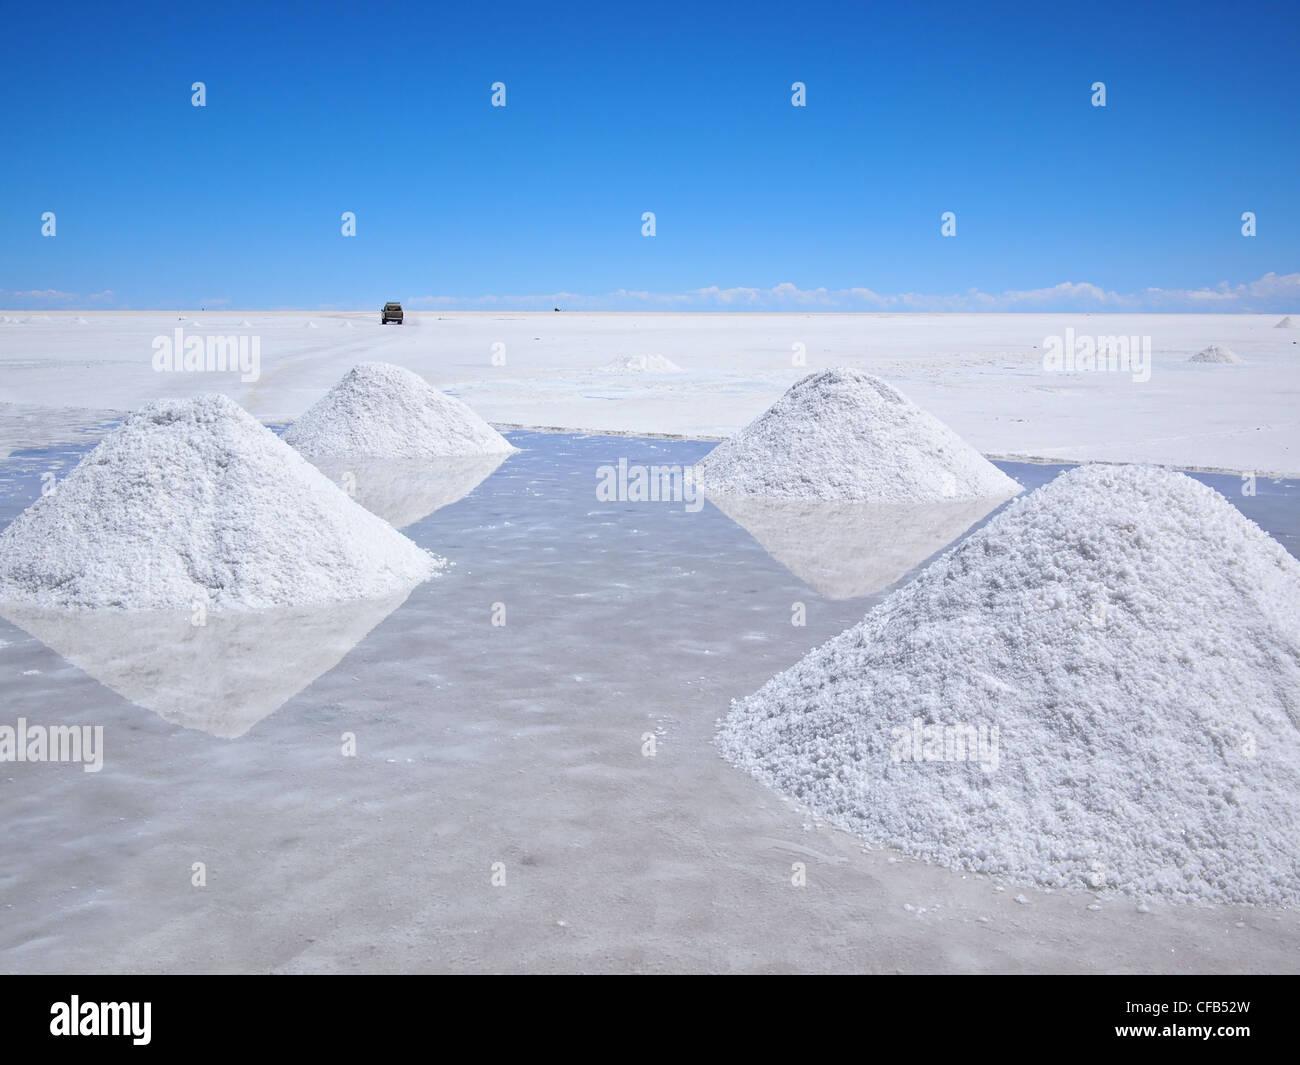 Secado de los montones de sal y el reflejo en el agua en el Salar de Uyuni (salinas) en Bolivia. Imagen De Stock